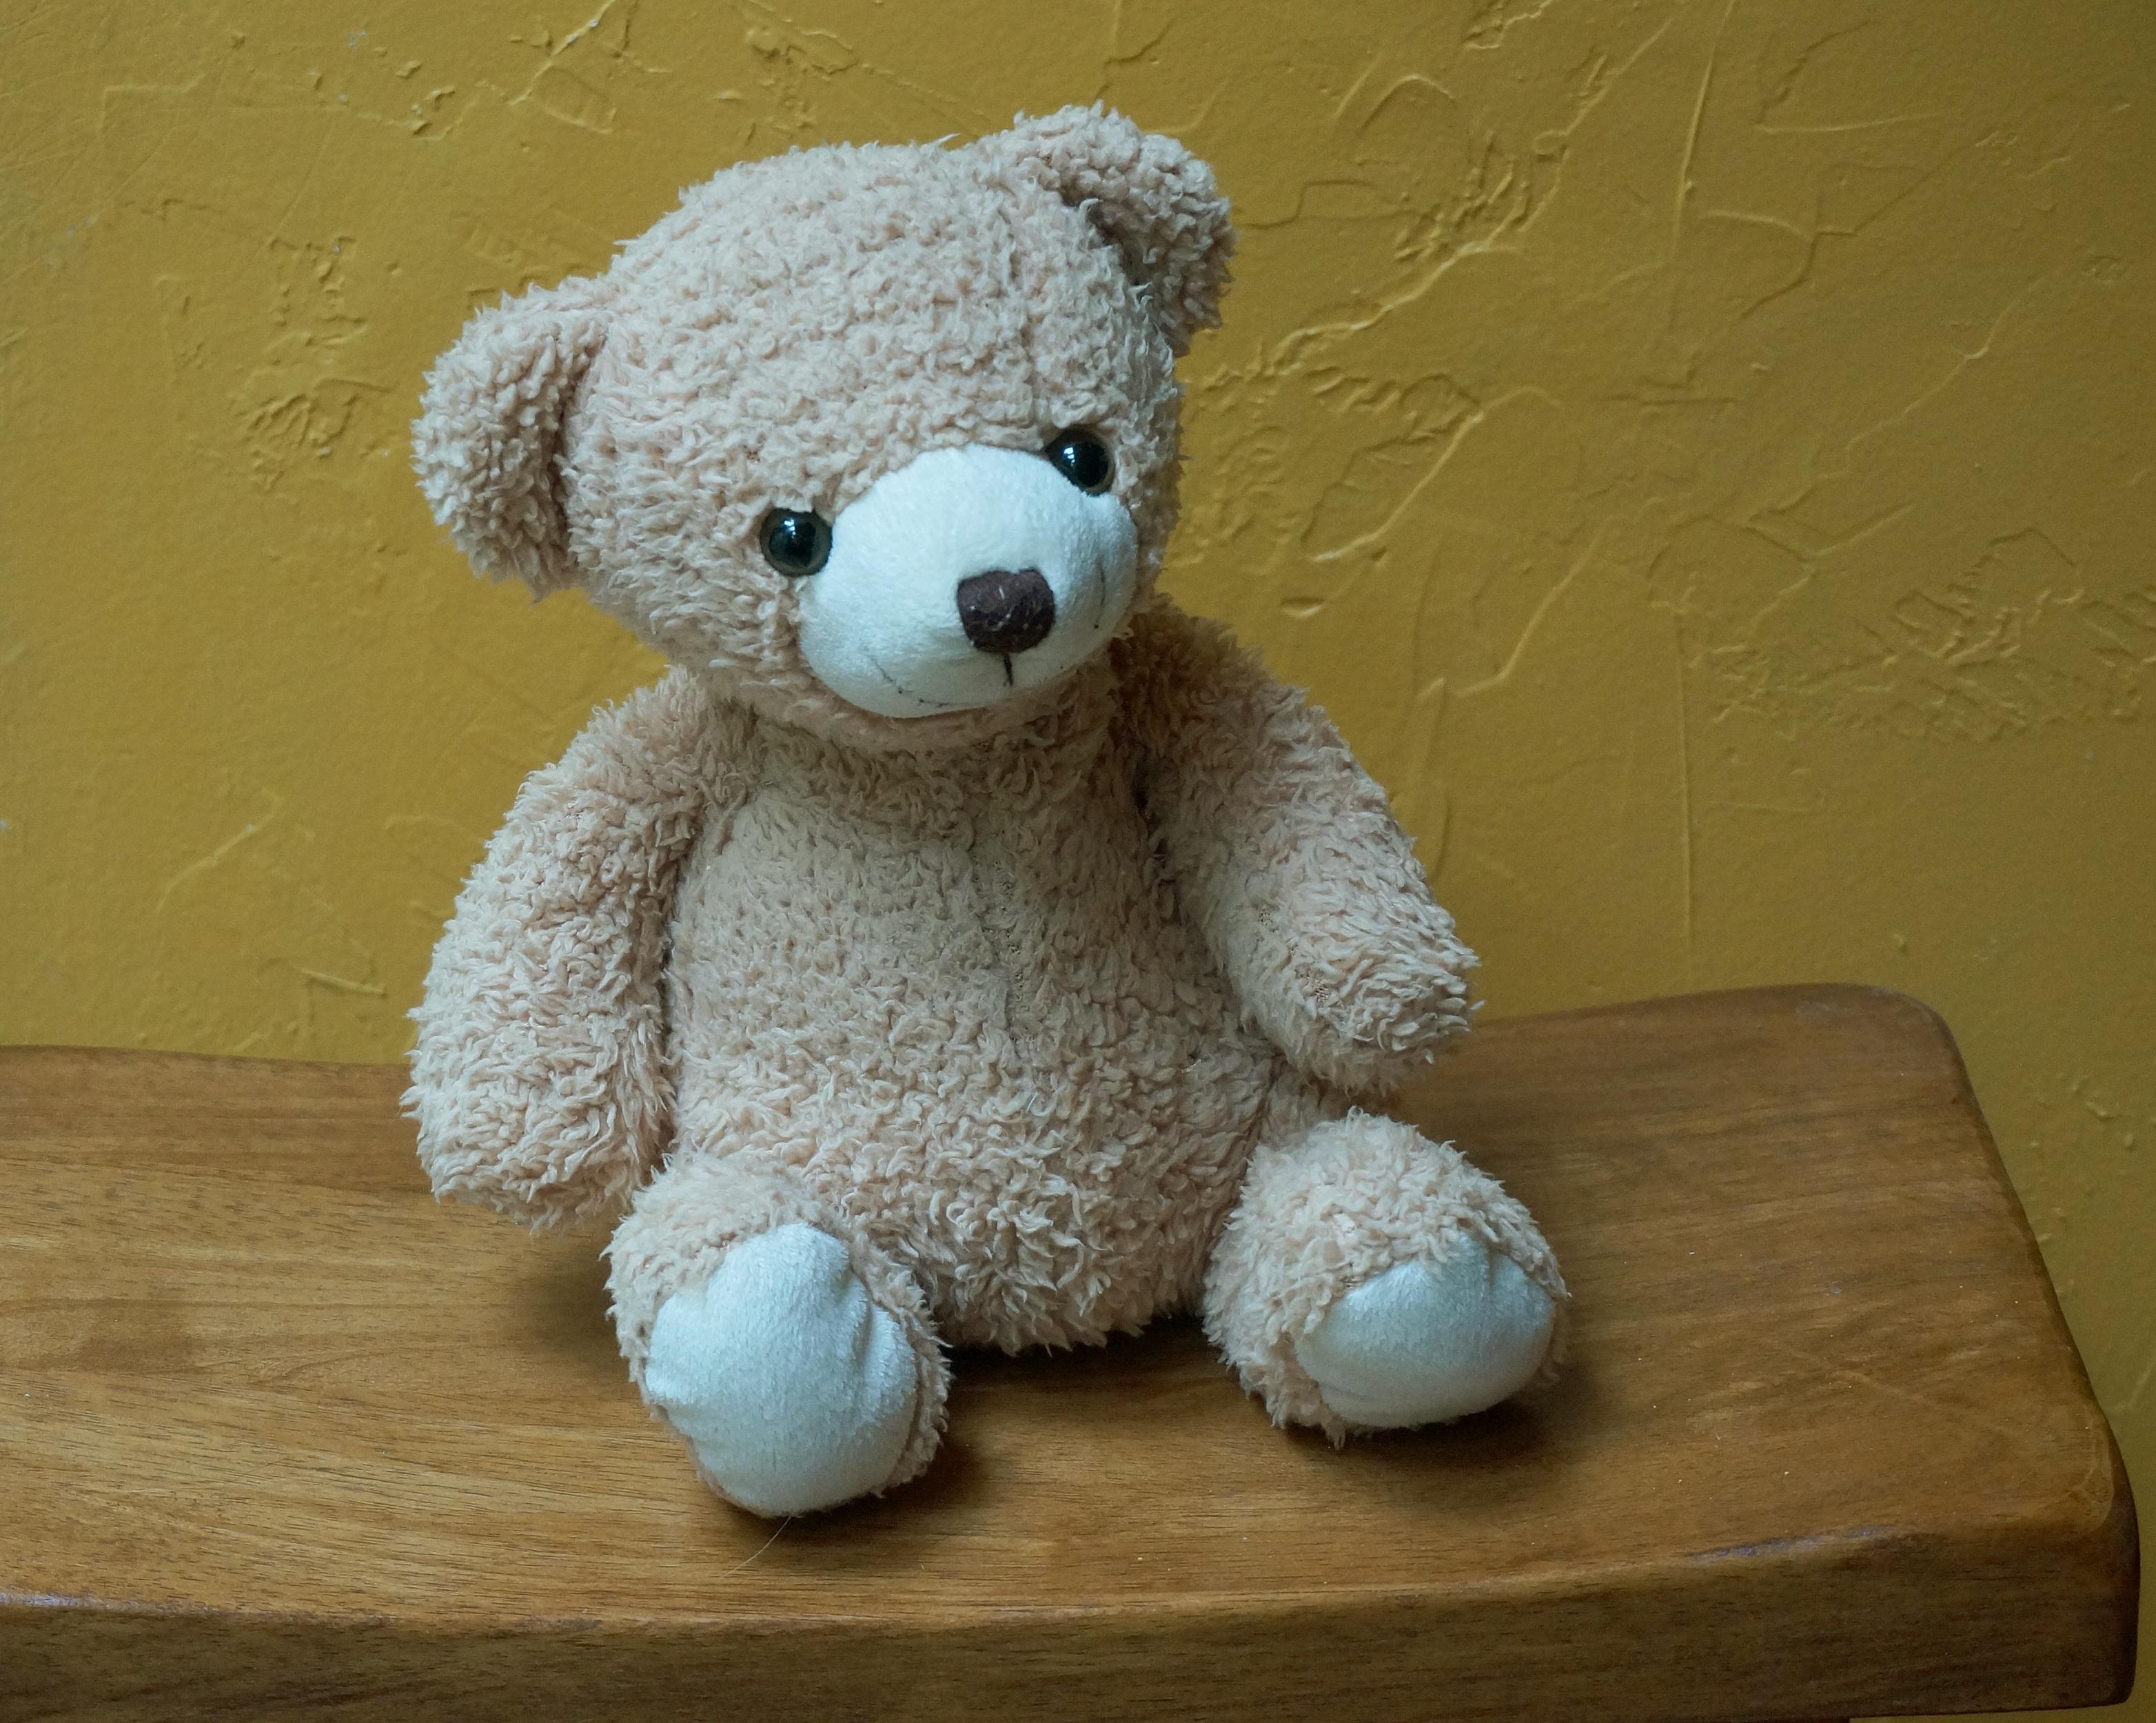 Fotos gratis : linda, juguete, oso de peluche, tejer, textil, art ...